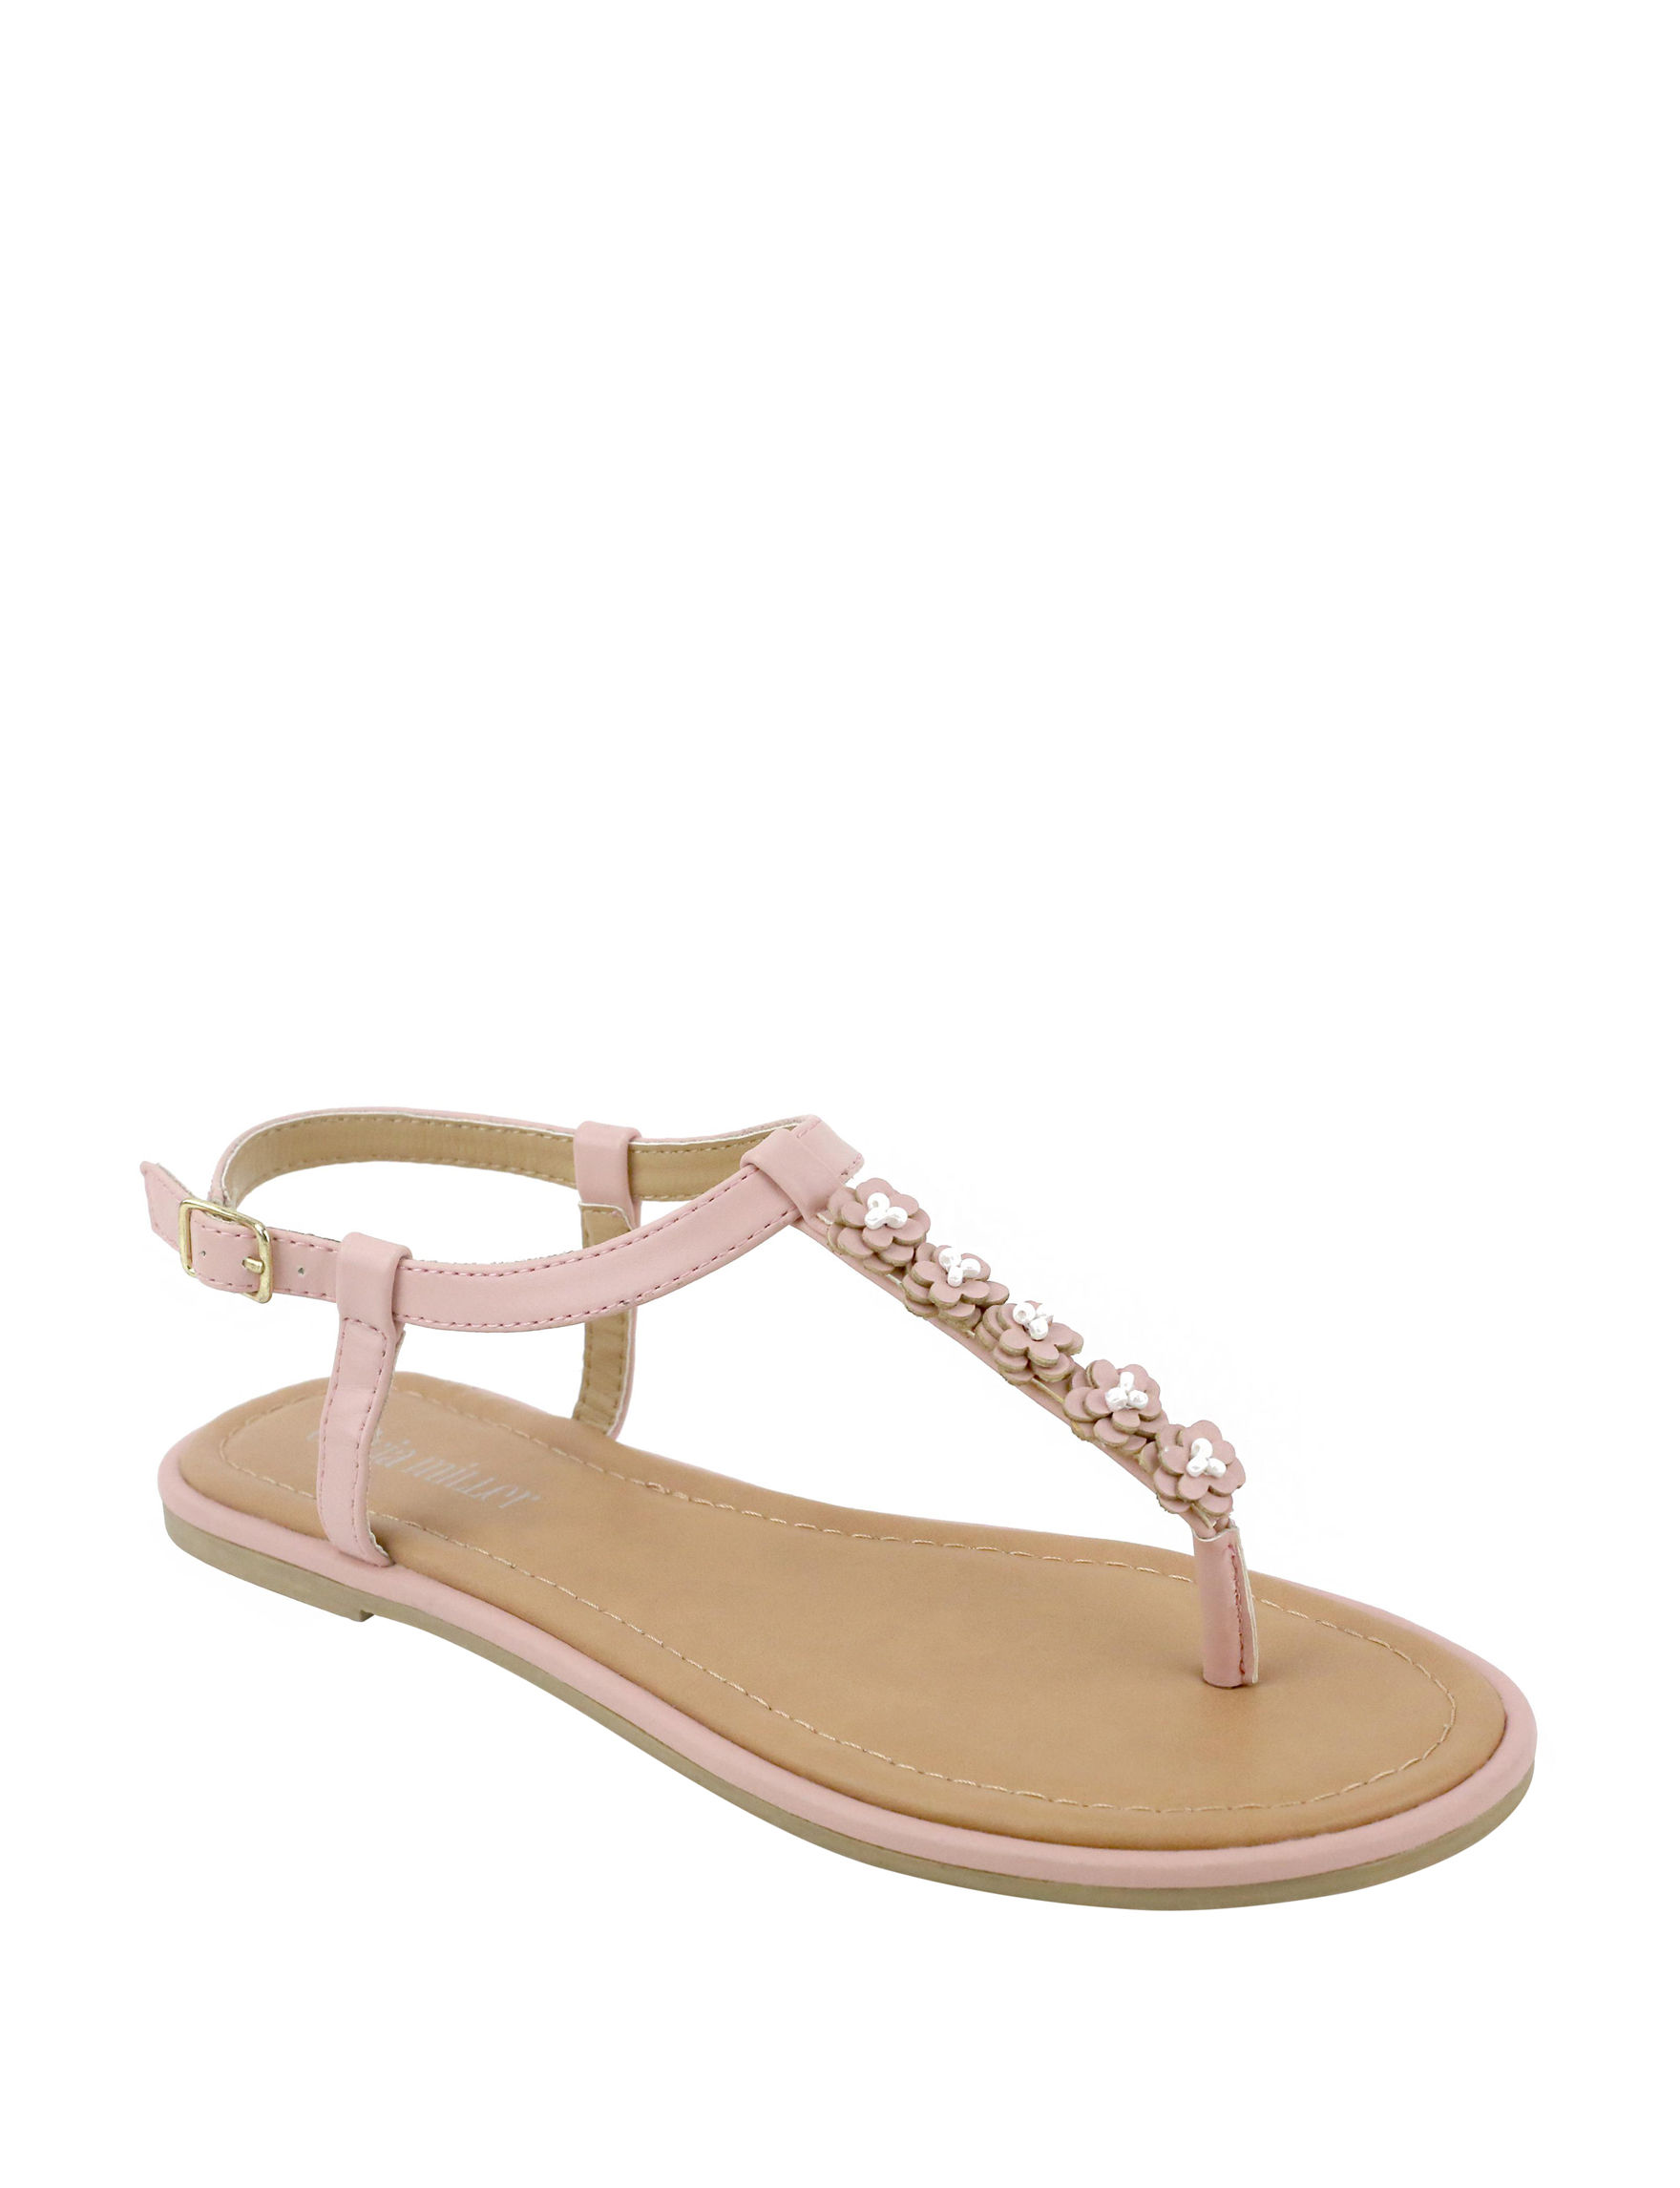 Olivia Miller Pink Flat Sandals